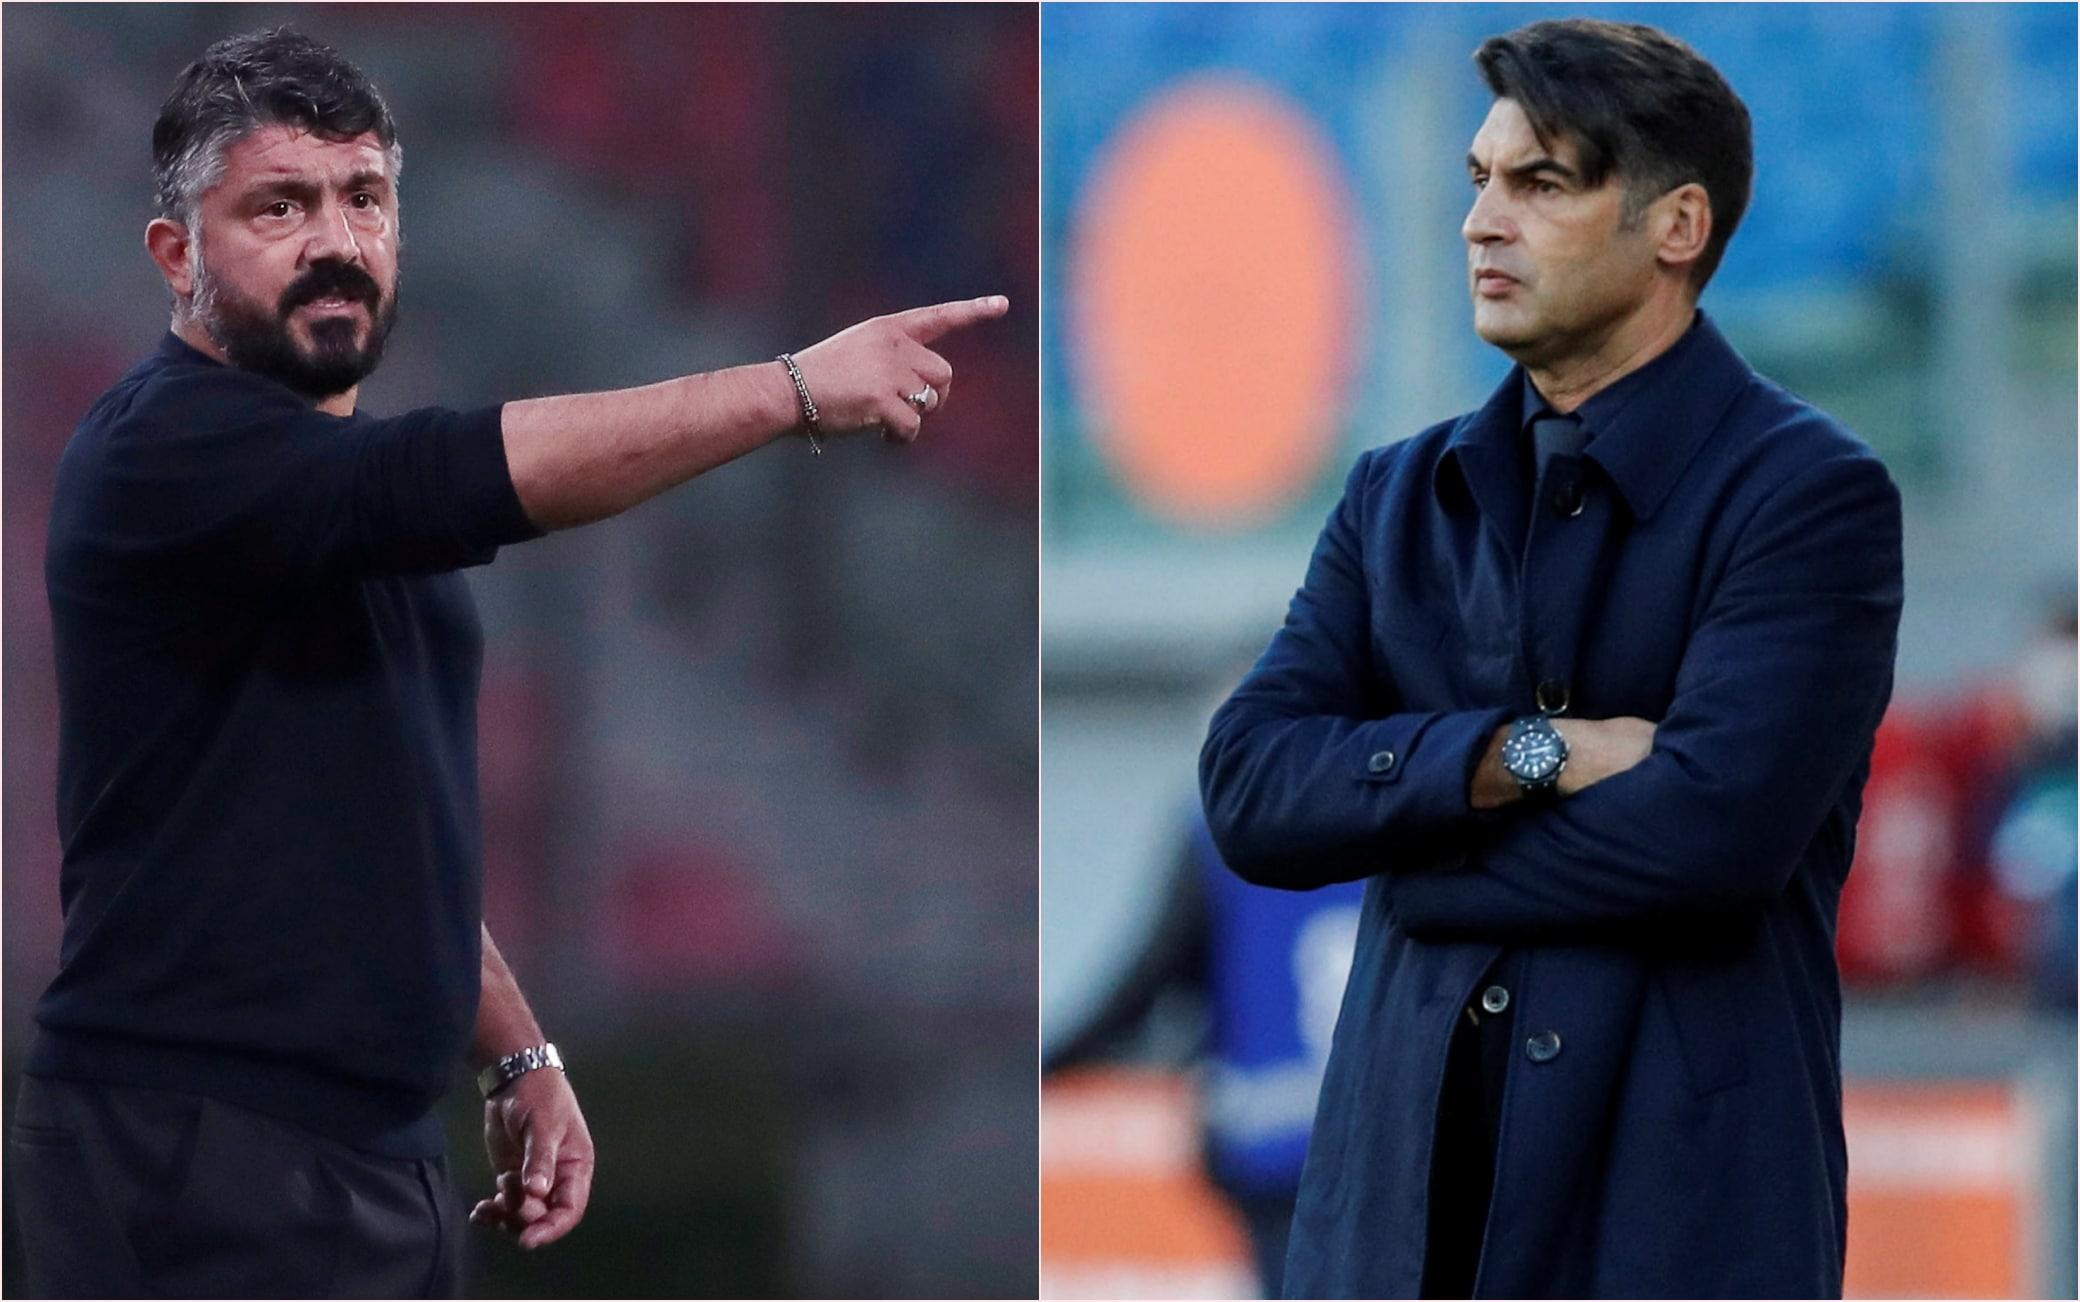 Serie A, al San Paolo c'è Napoli-Roma: risultato sullo 0-0. DIRETTA